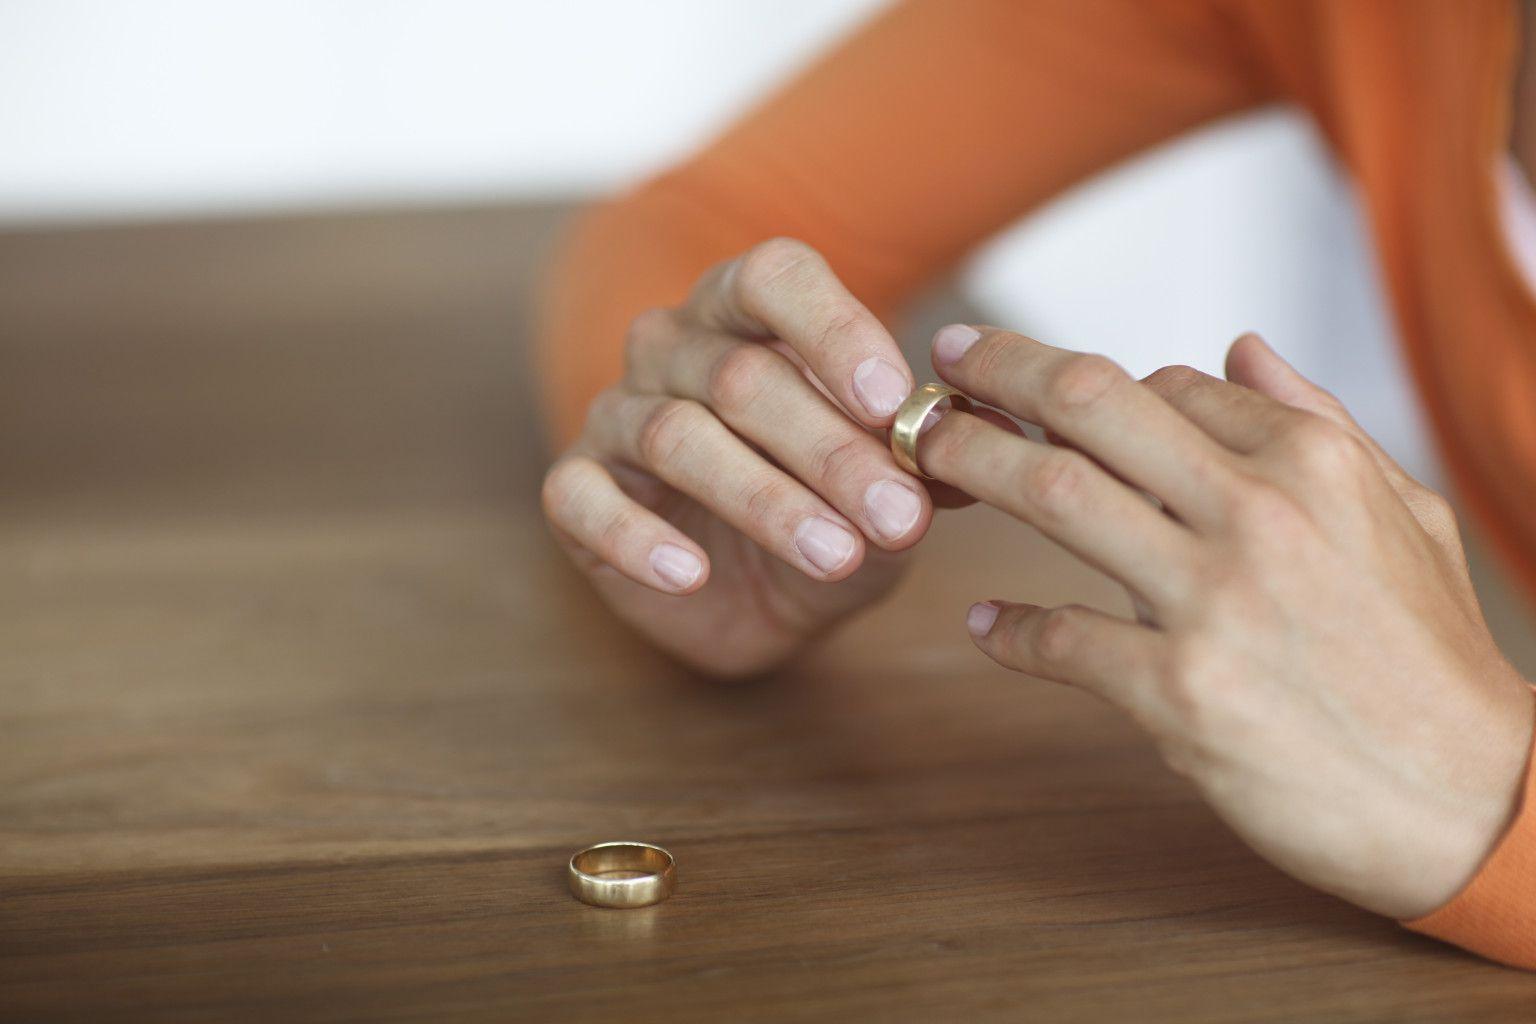 صورة الطلاق في المنام , تفسير حدوث الطلاق في المنام